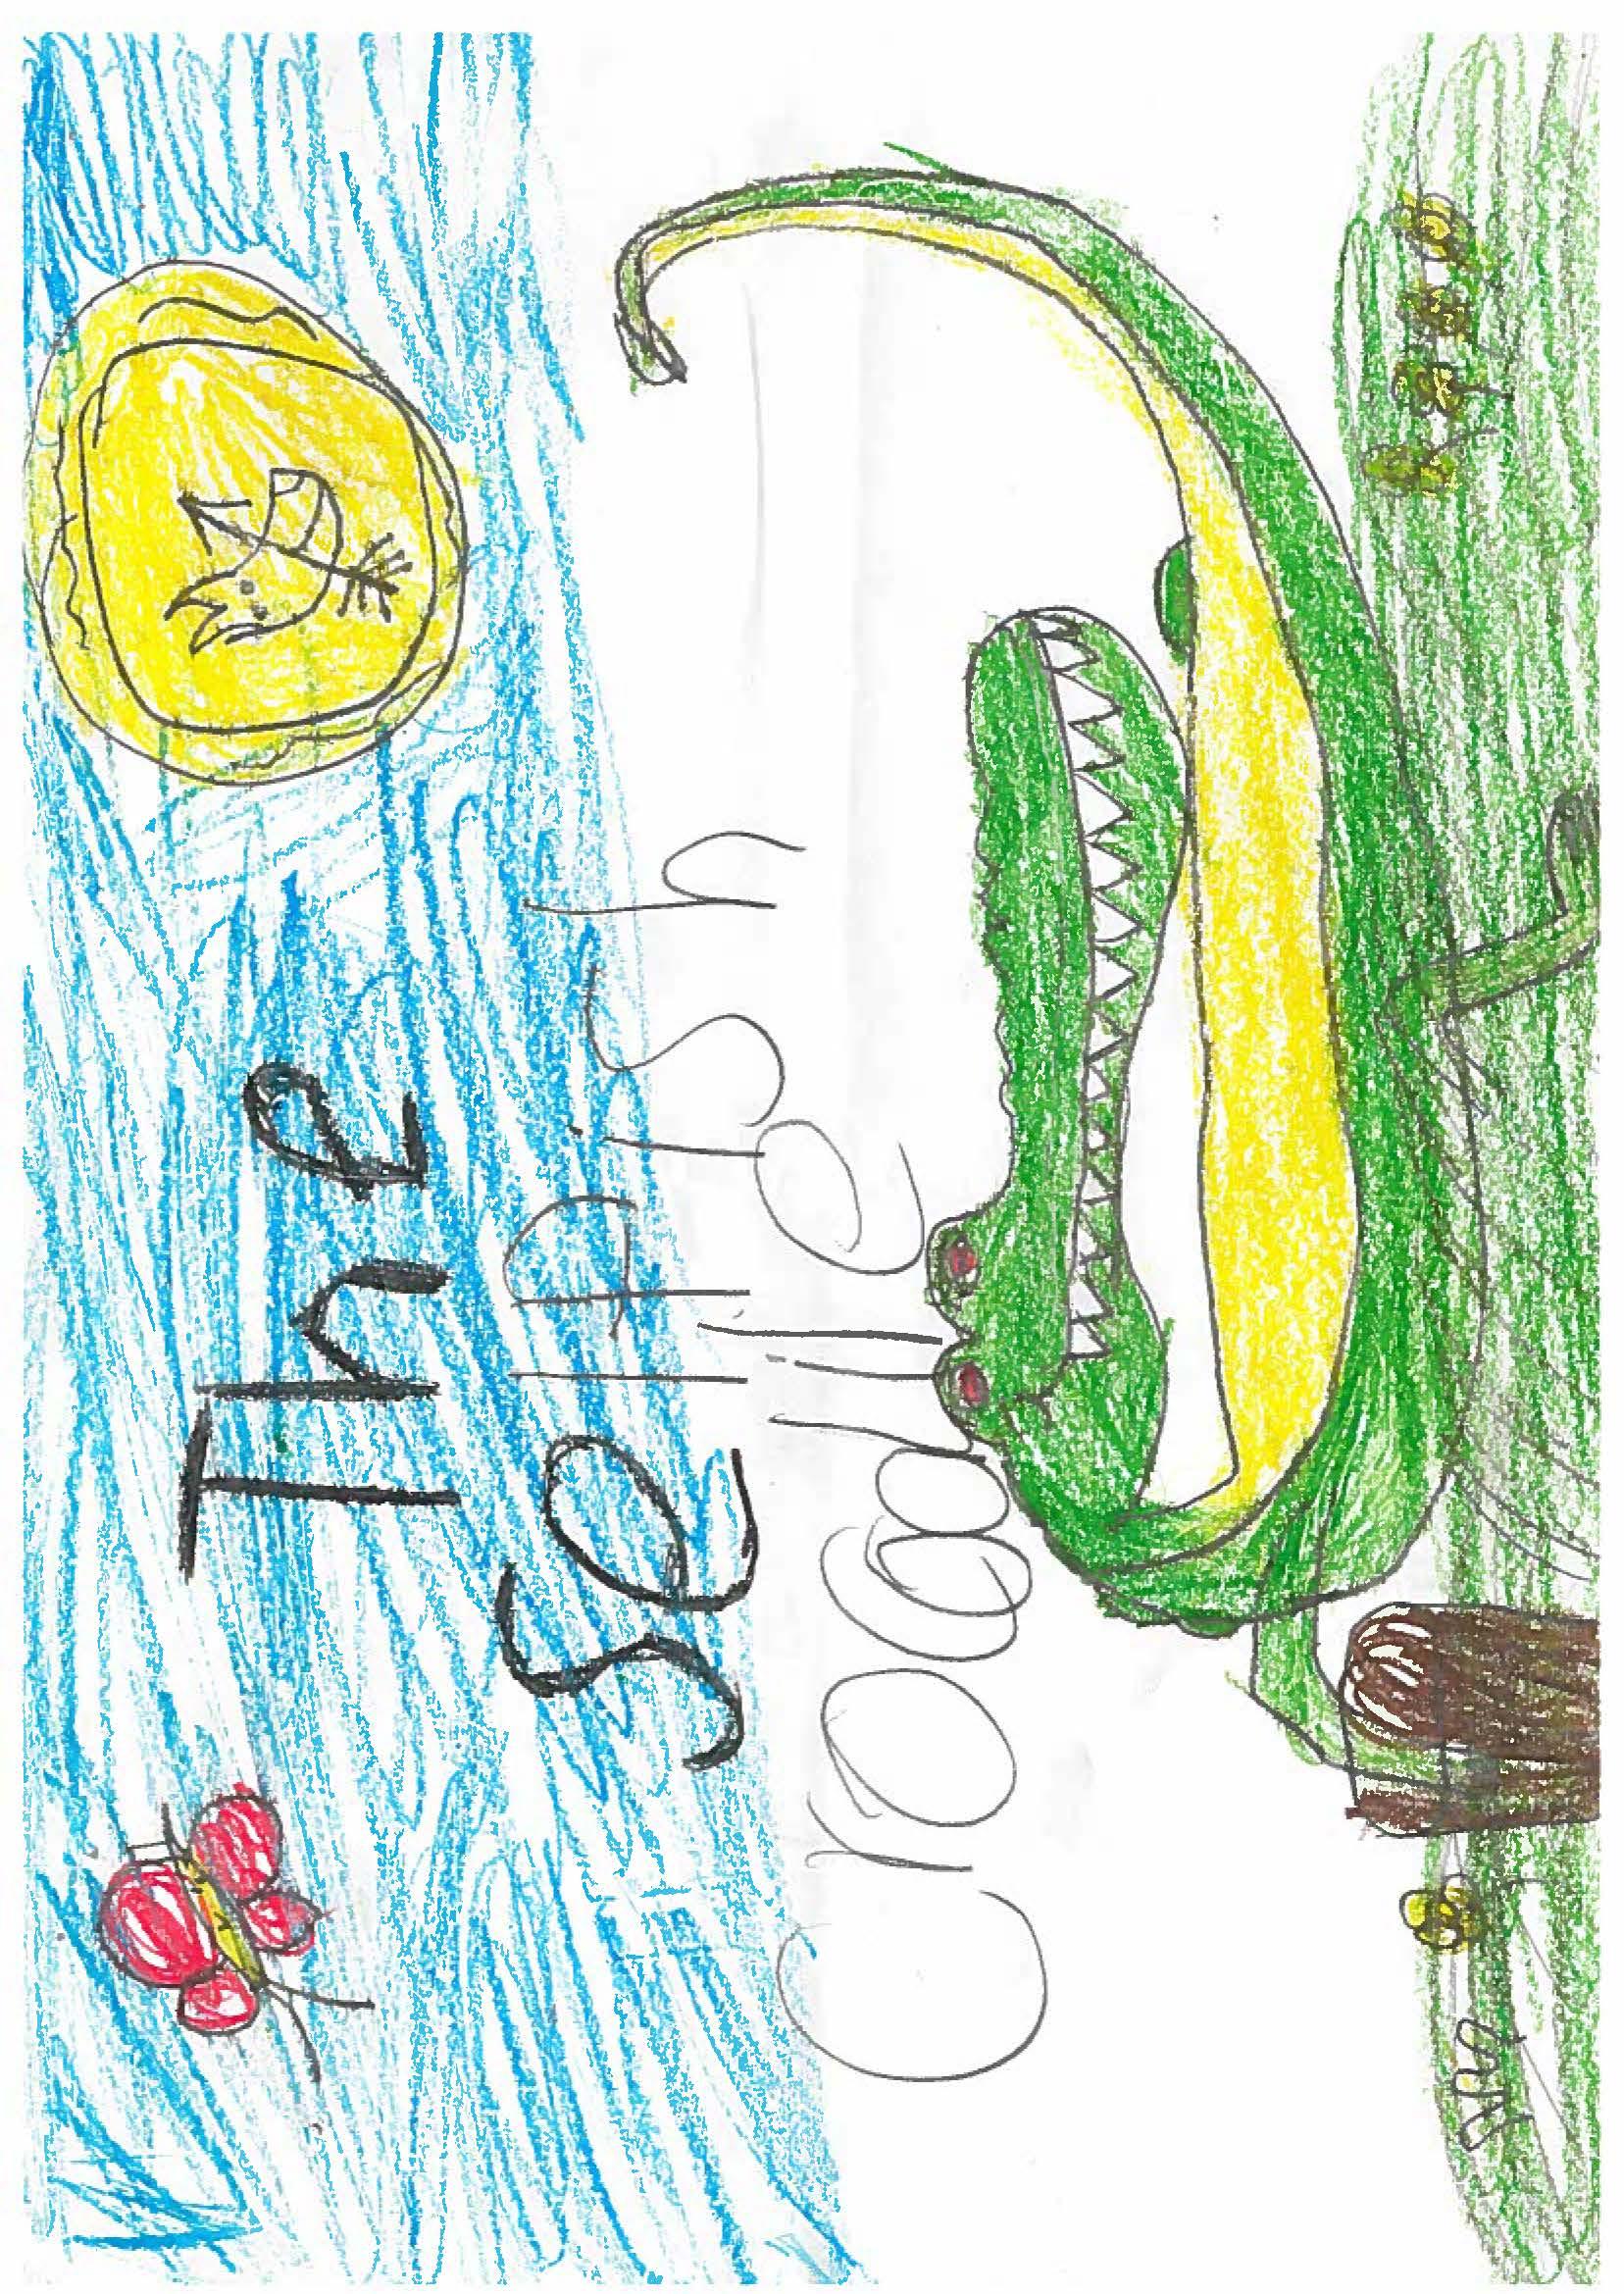 the-selfish-crocodile-623caf172c418e233fbc5ef409627540f4756aea